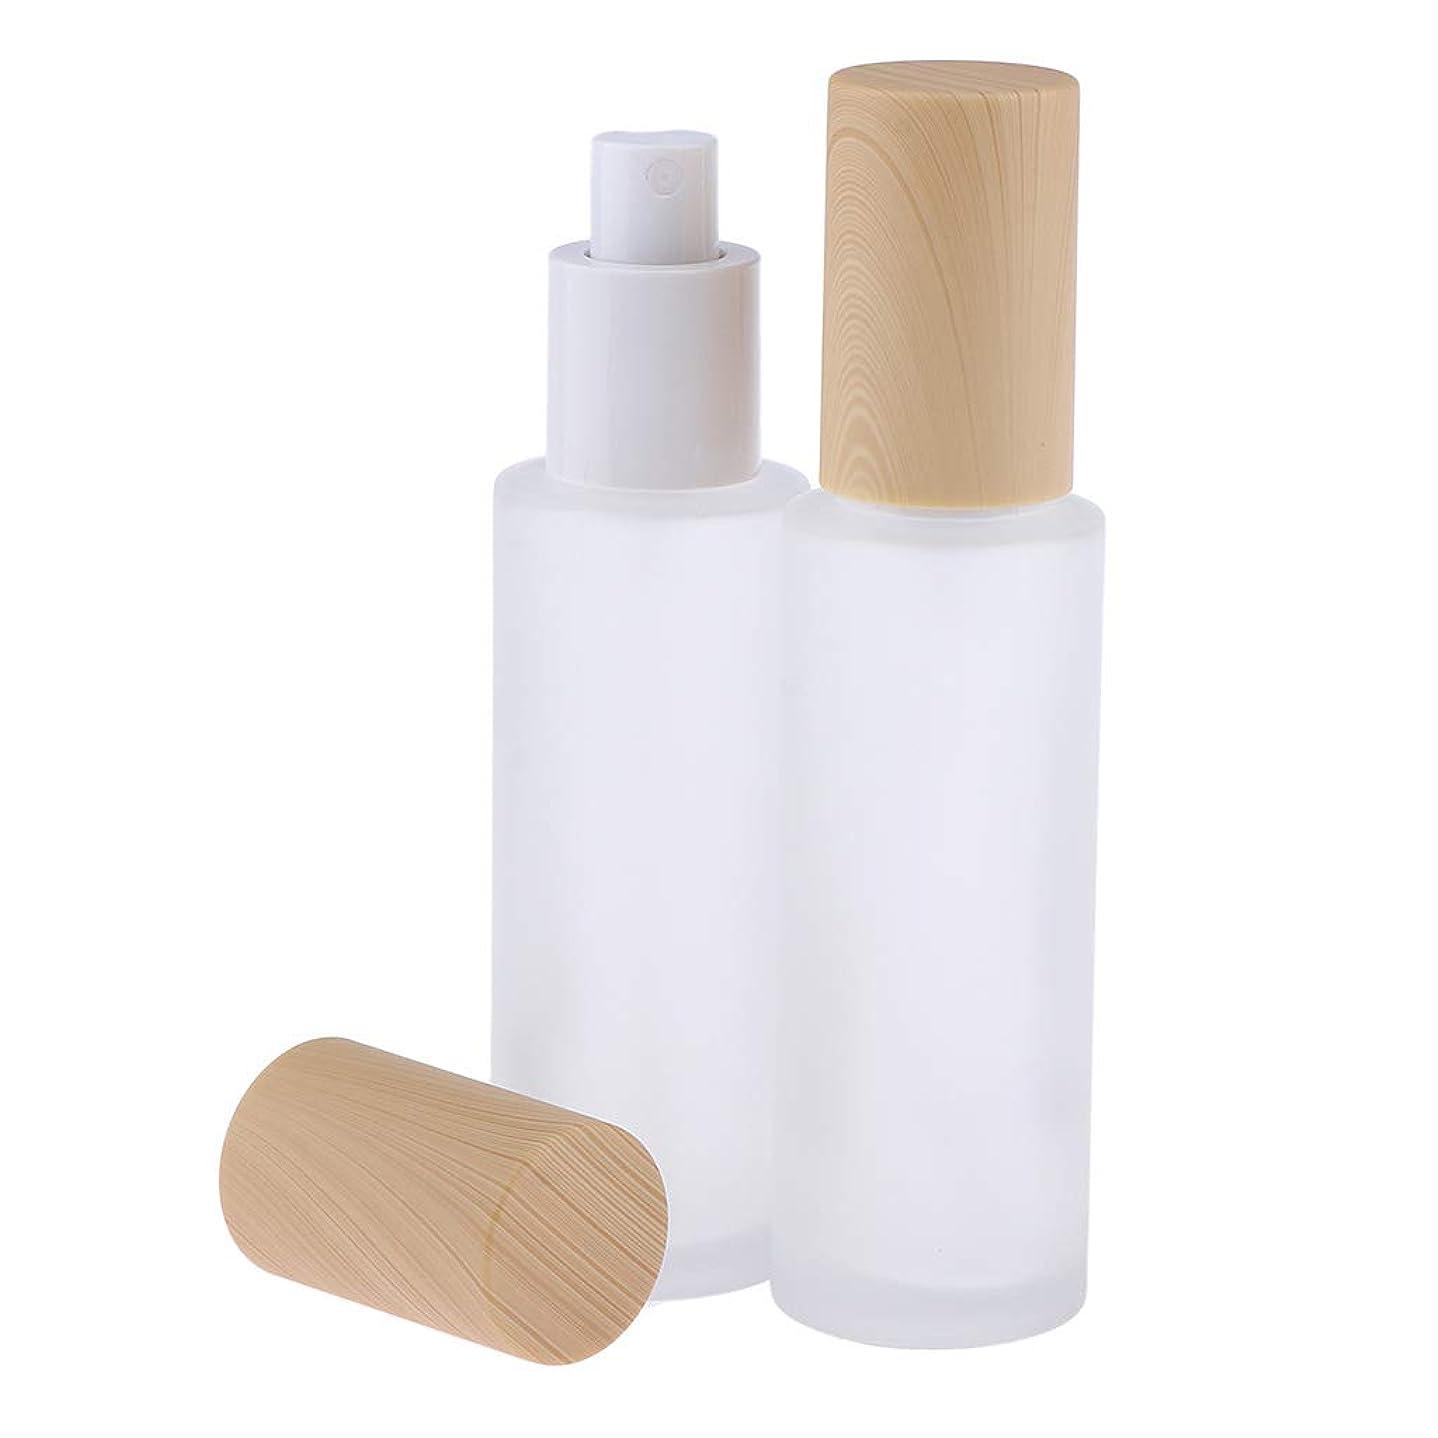 代わって根拠委員会B Baosity 2個 ポンプボトル 香水ボトル ガラス ミストスプレー 旅行 便利 6サイズ選べ - 60ミリリットル